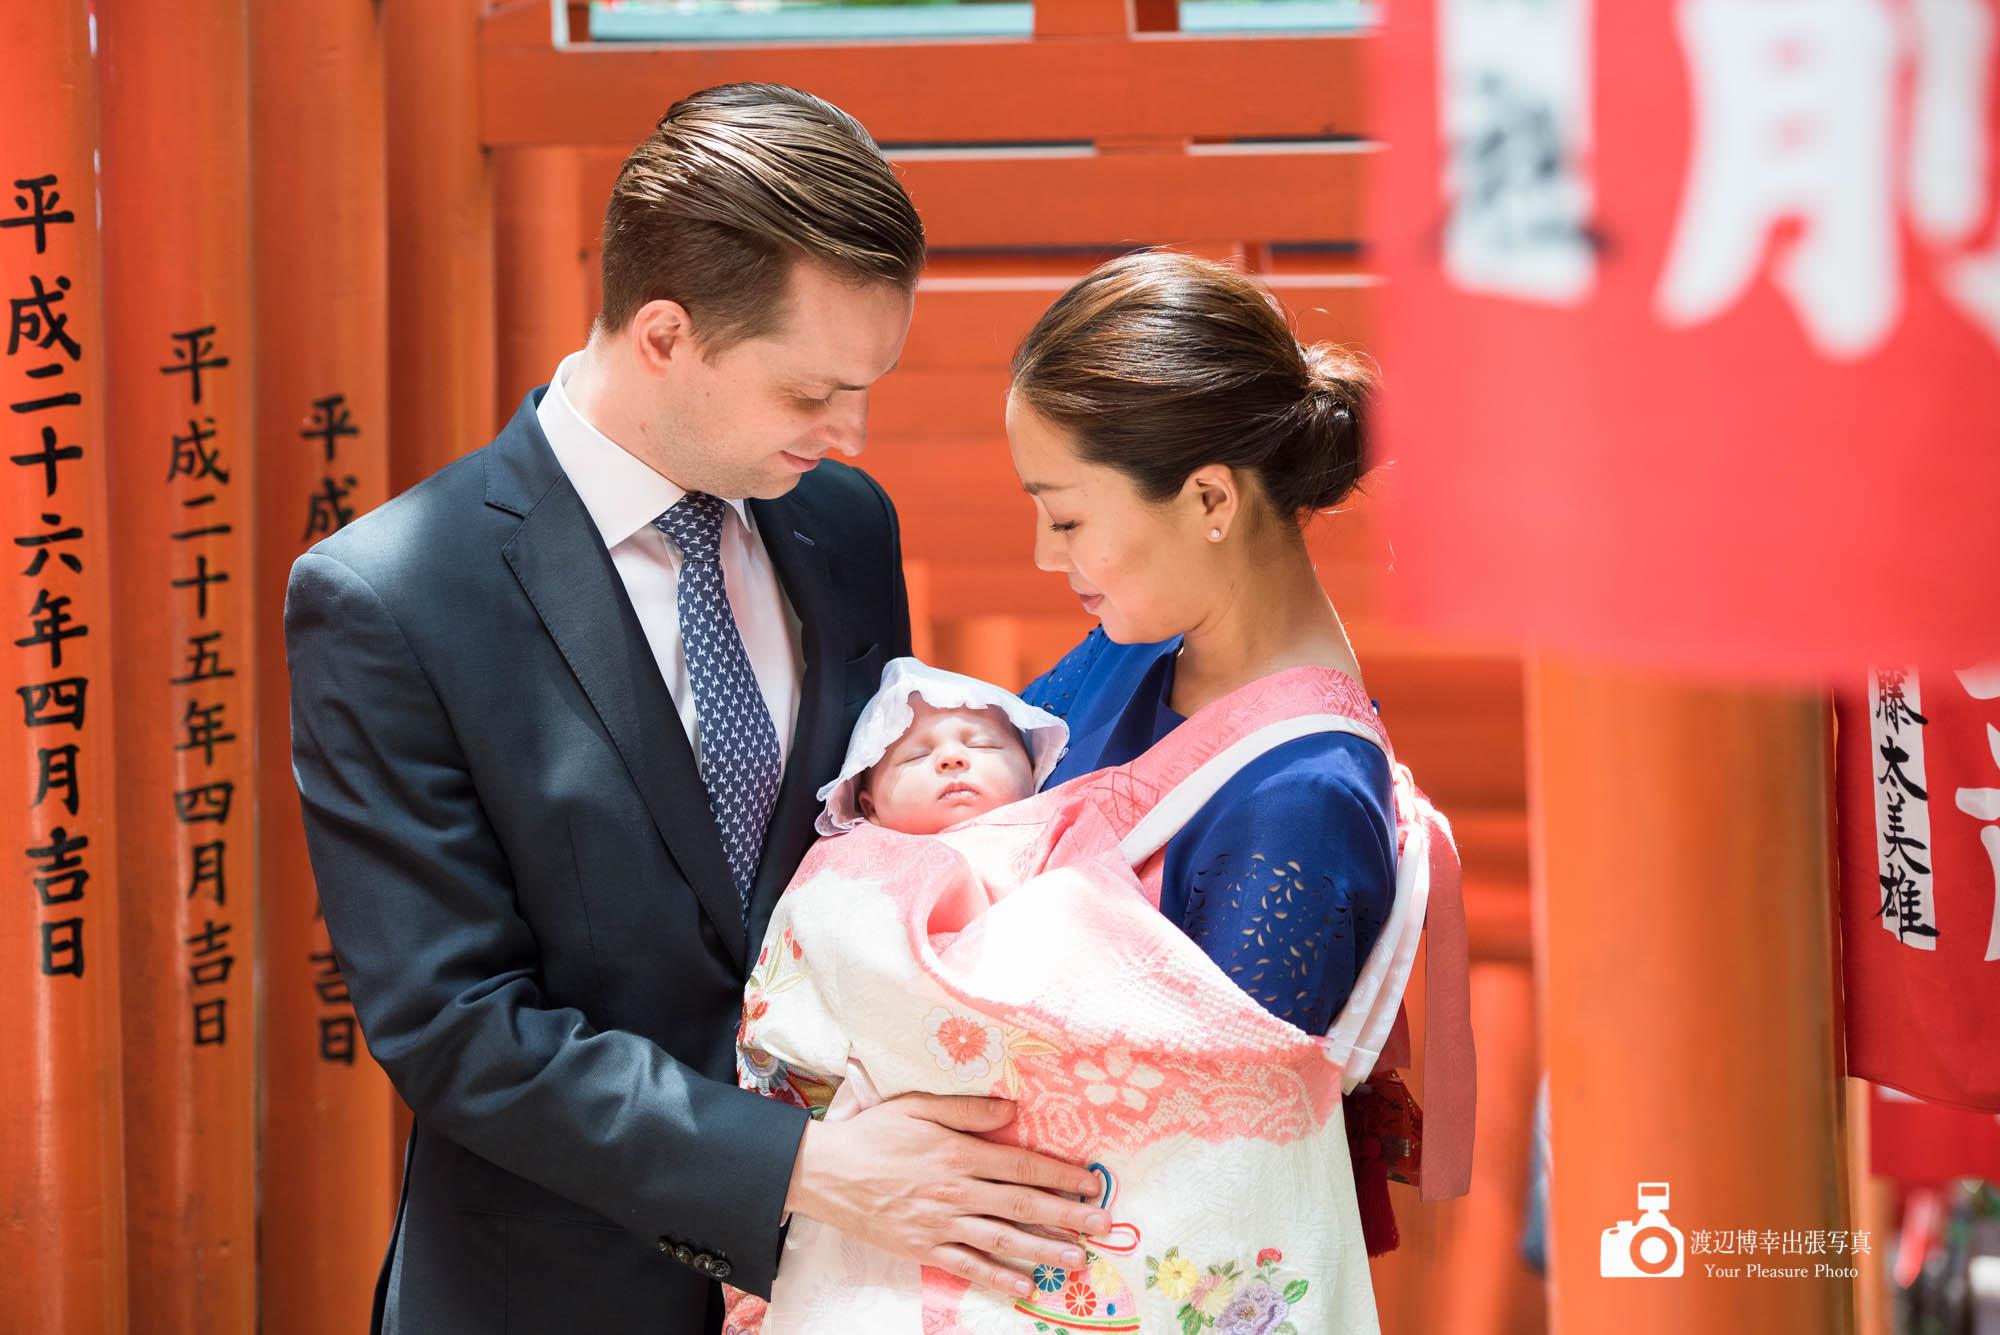 連続する鳥居の下で赤ちゃんを抱く夫婦